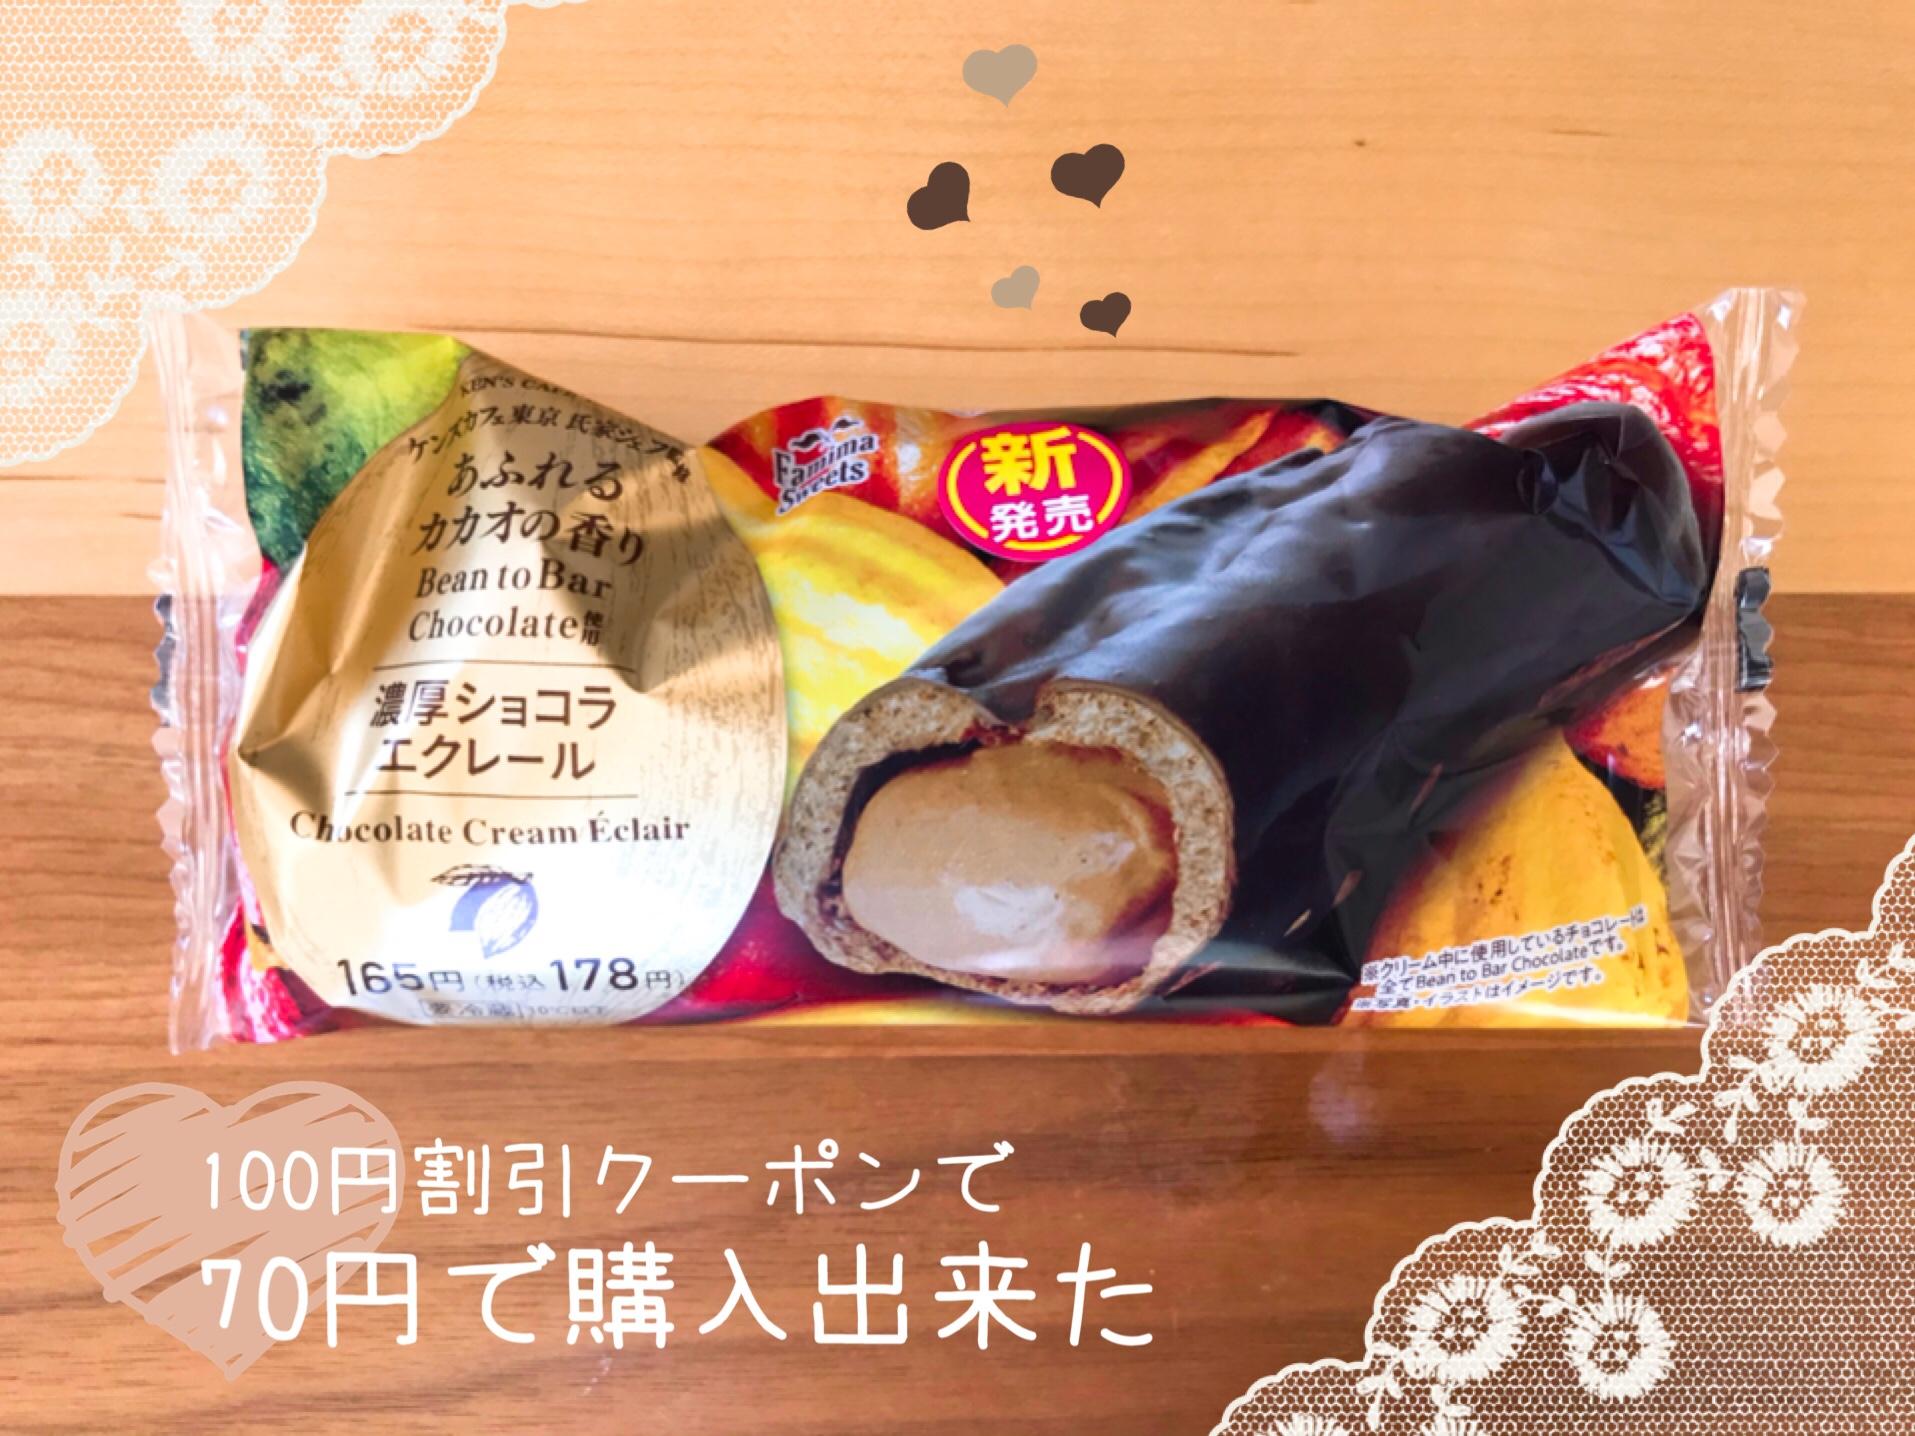 ケンズカフェ東京氏家シェフ監修のショコラエクレール